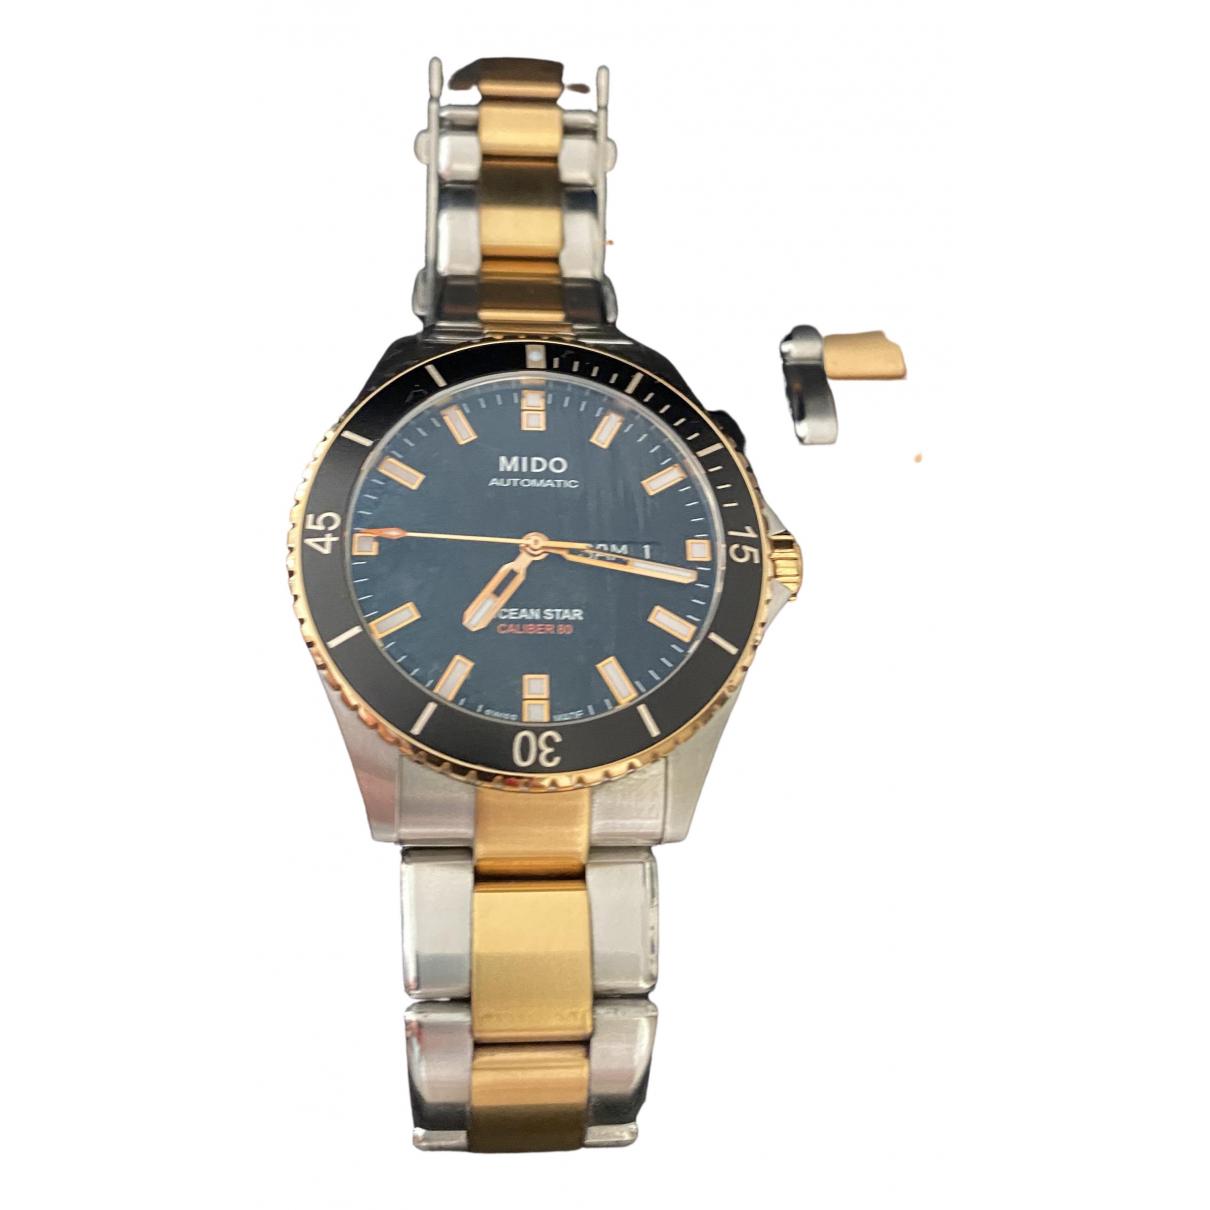 Mido \N Uhr in  Schwarz Gold und Stahl